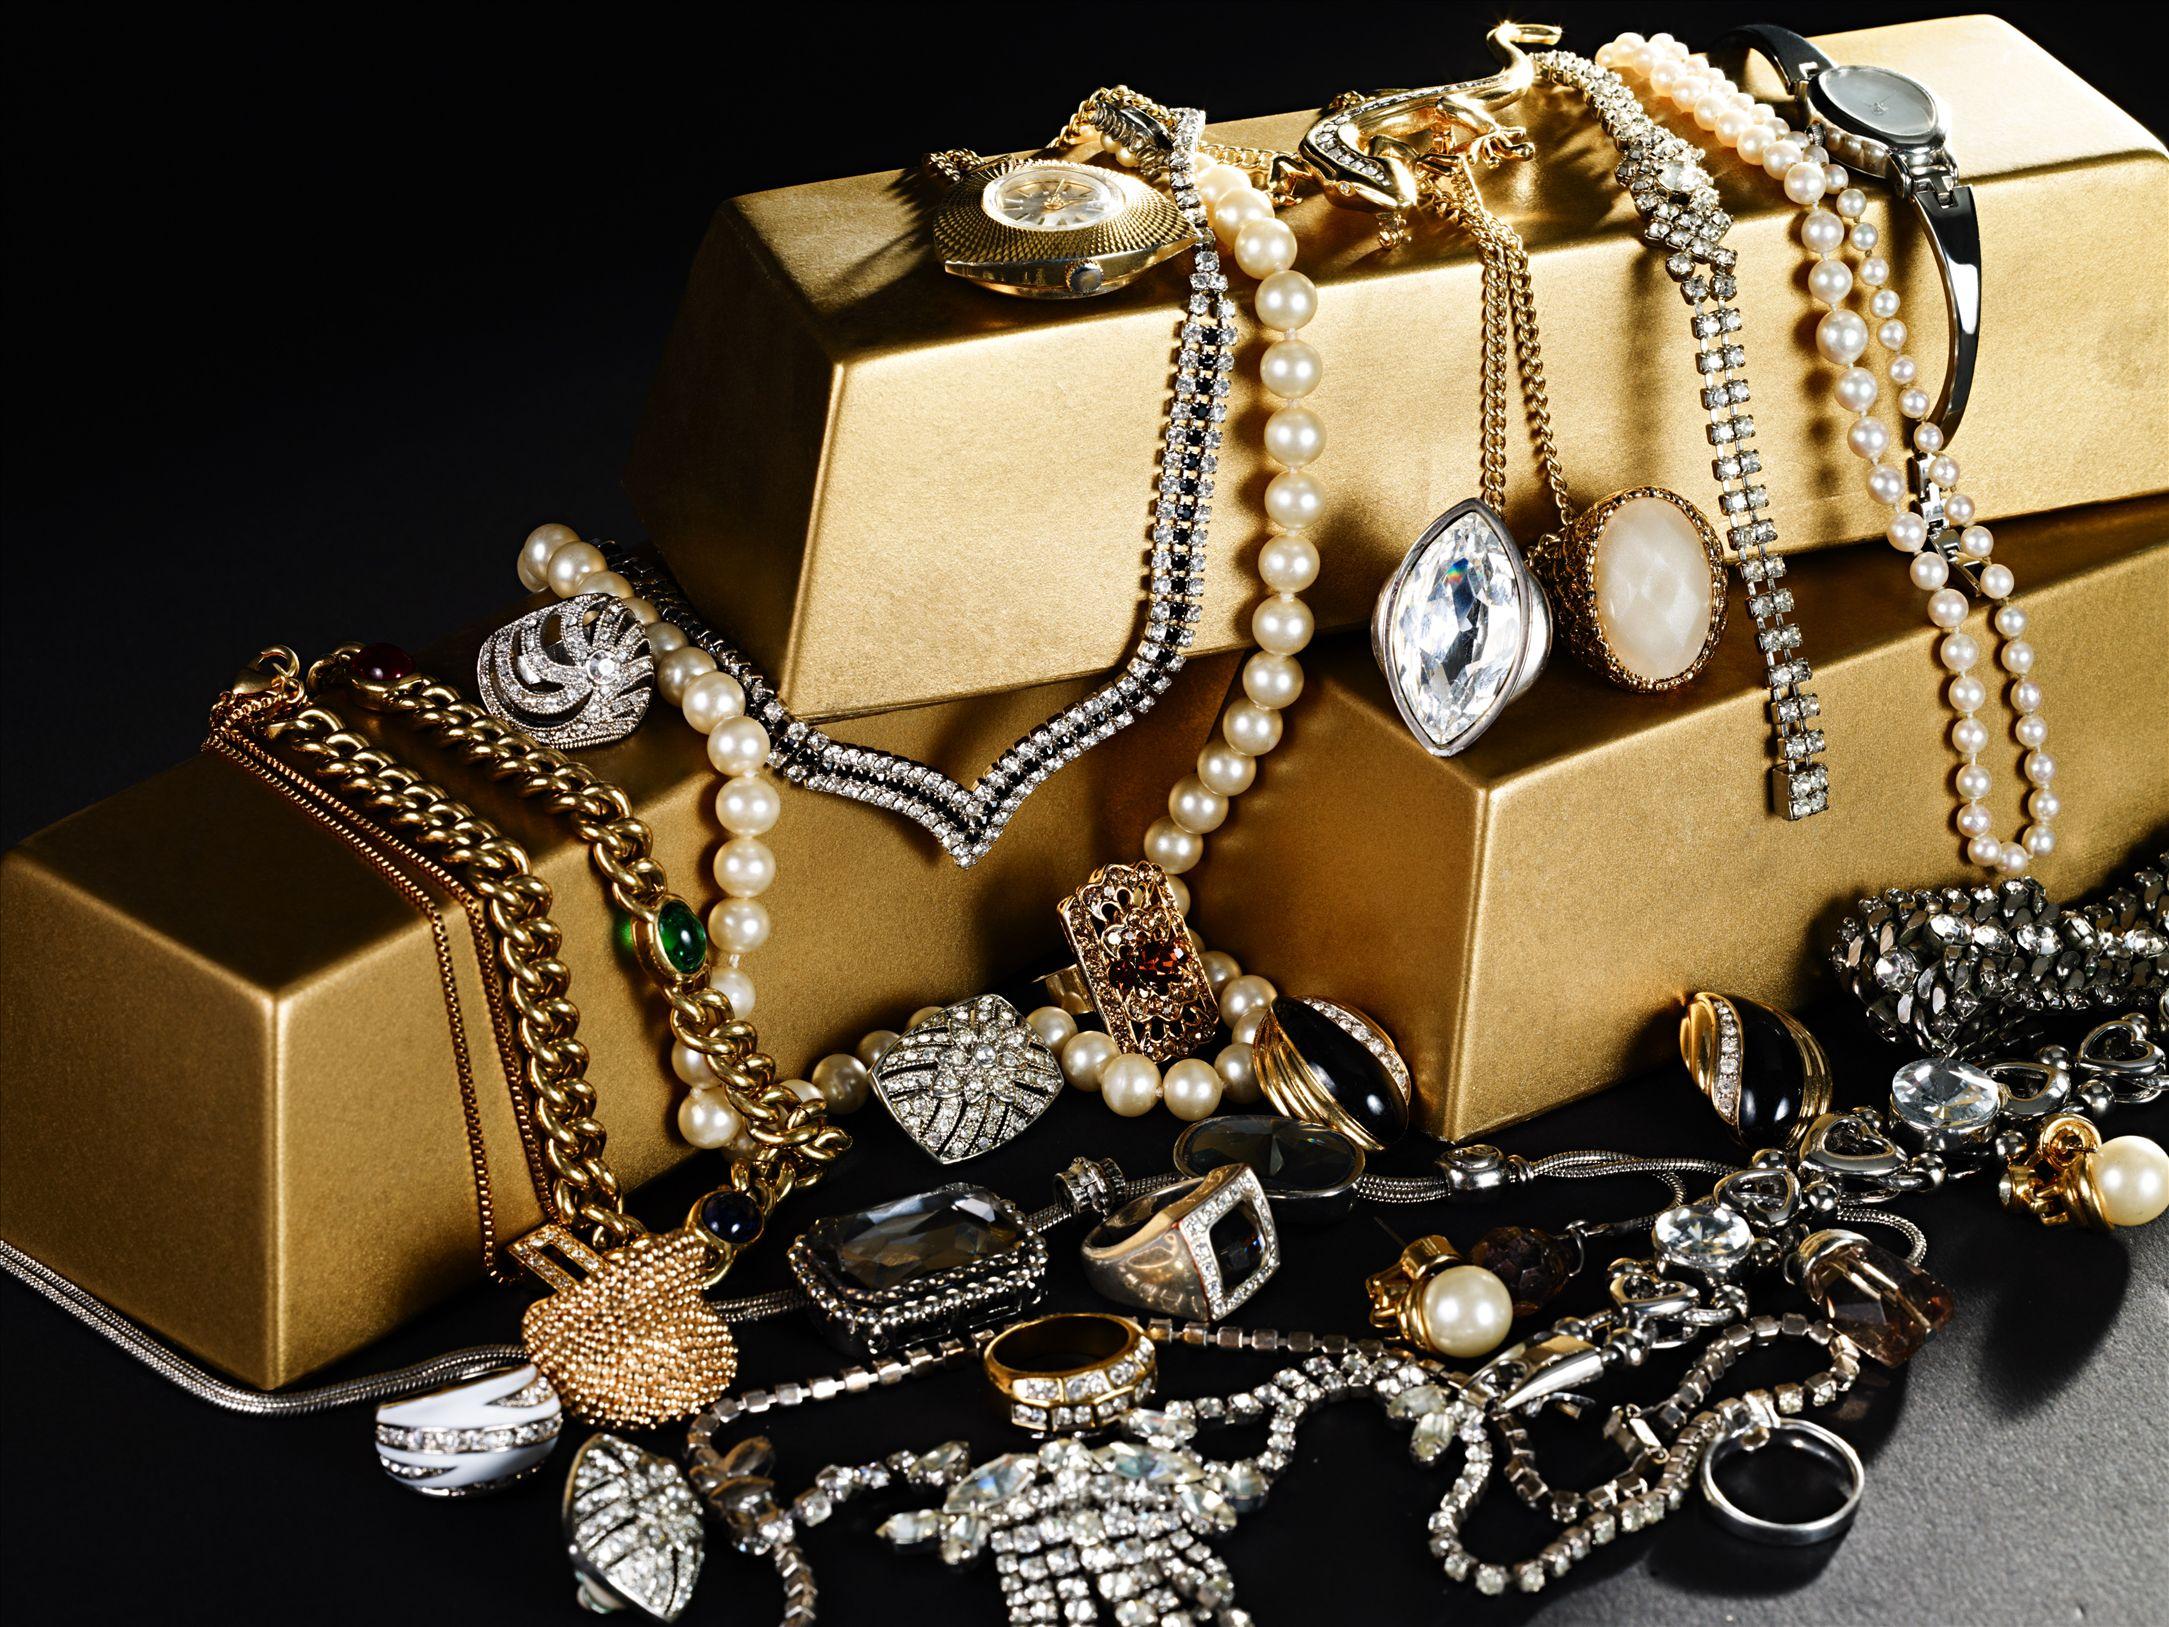 [經濟觀察報]報告稱6成以上奢侈品是假貨,區塊鏈能解決鑒定痛點嗎